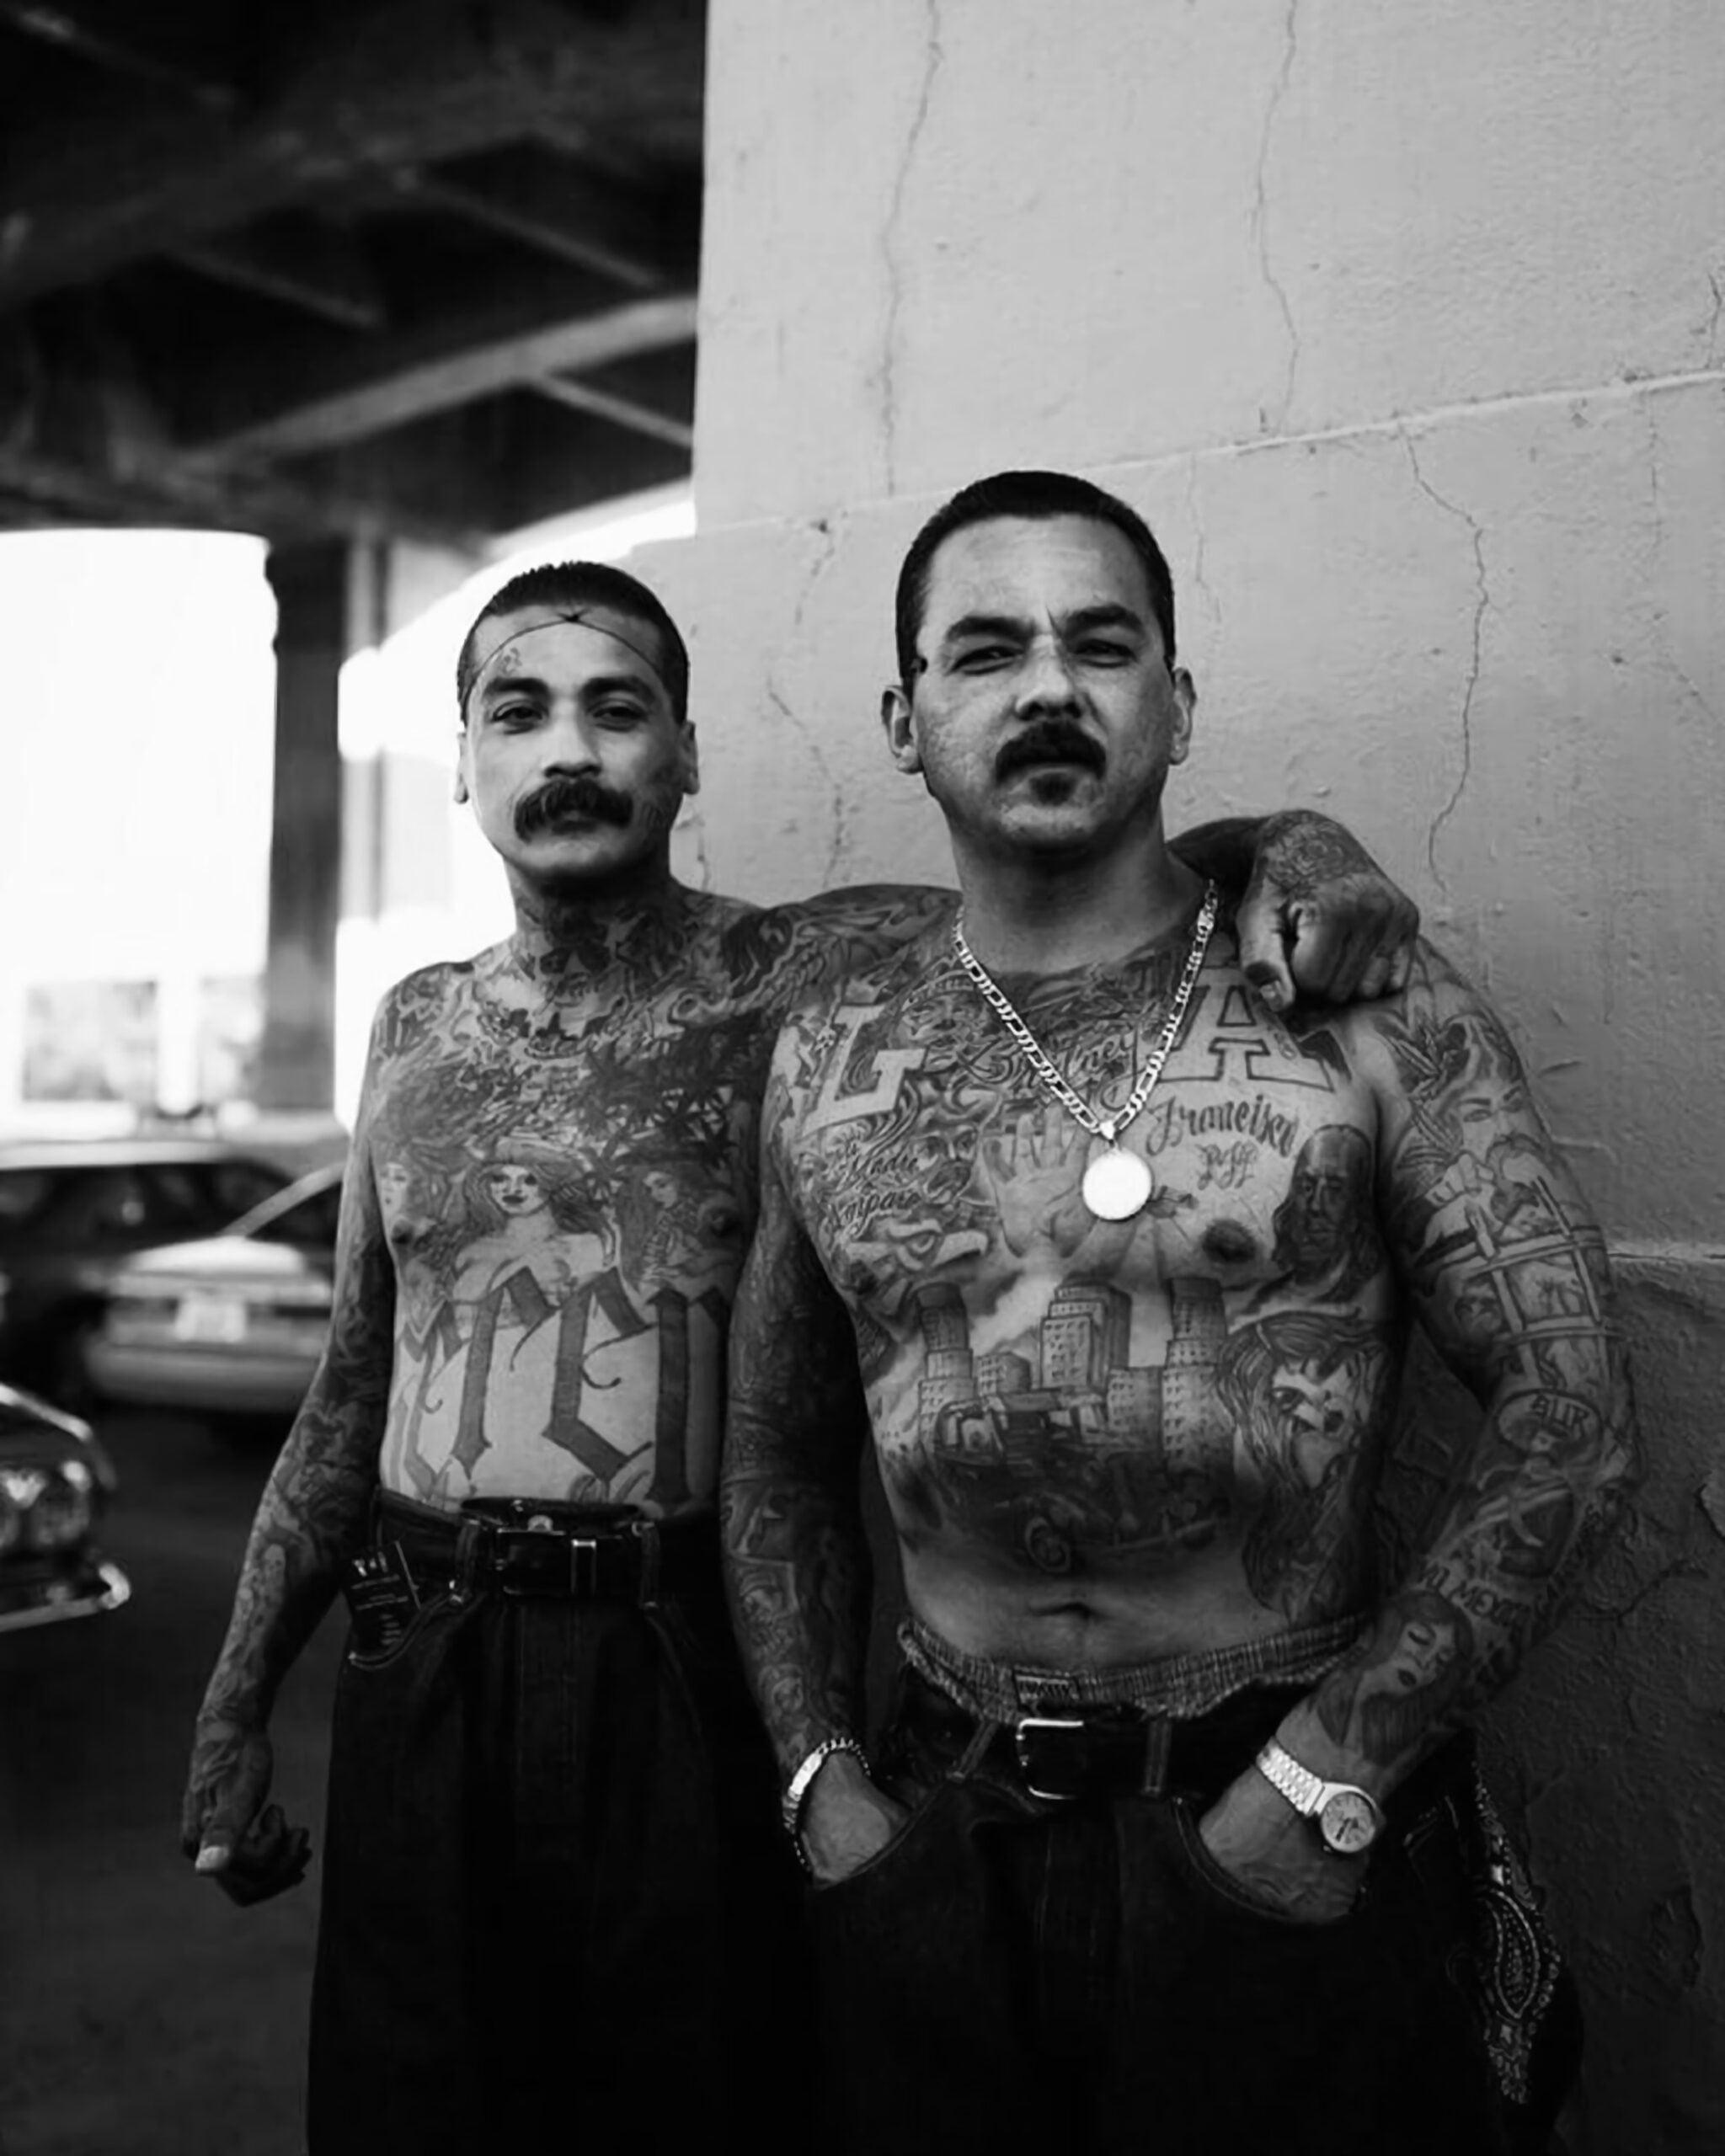 история татуировок чикано